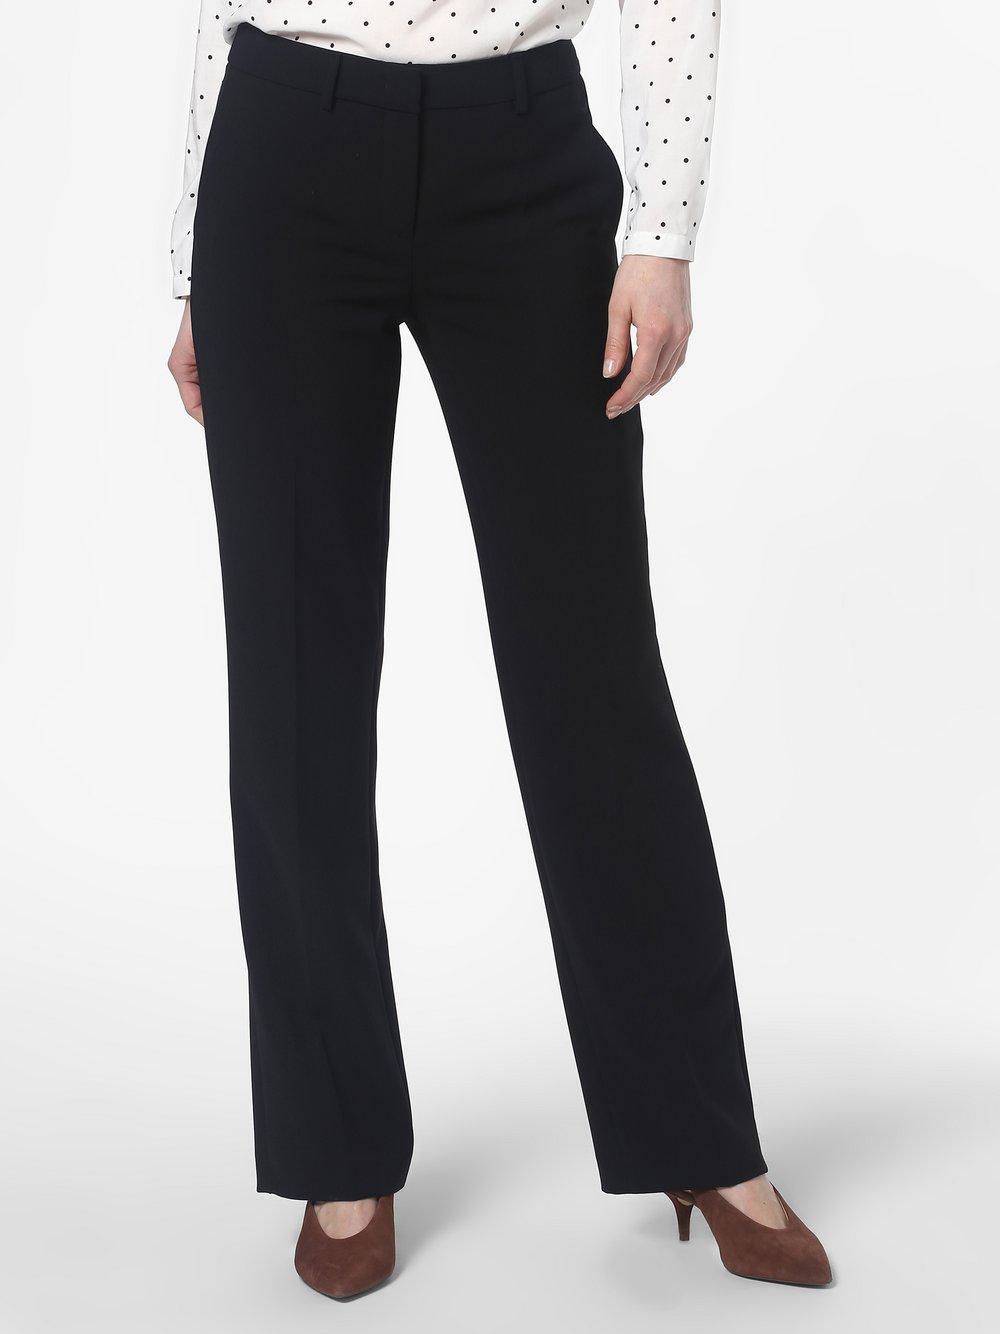 RAFFAELLO ROSSI – Spodnie damskie – Olessa, czarny Van Graaf 466432-0002-00420